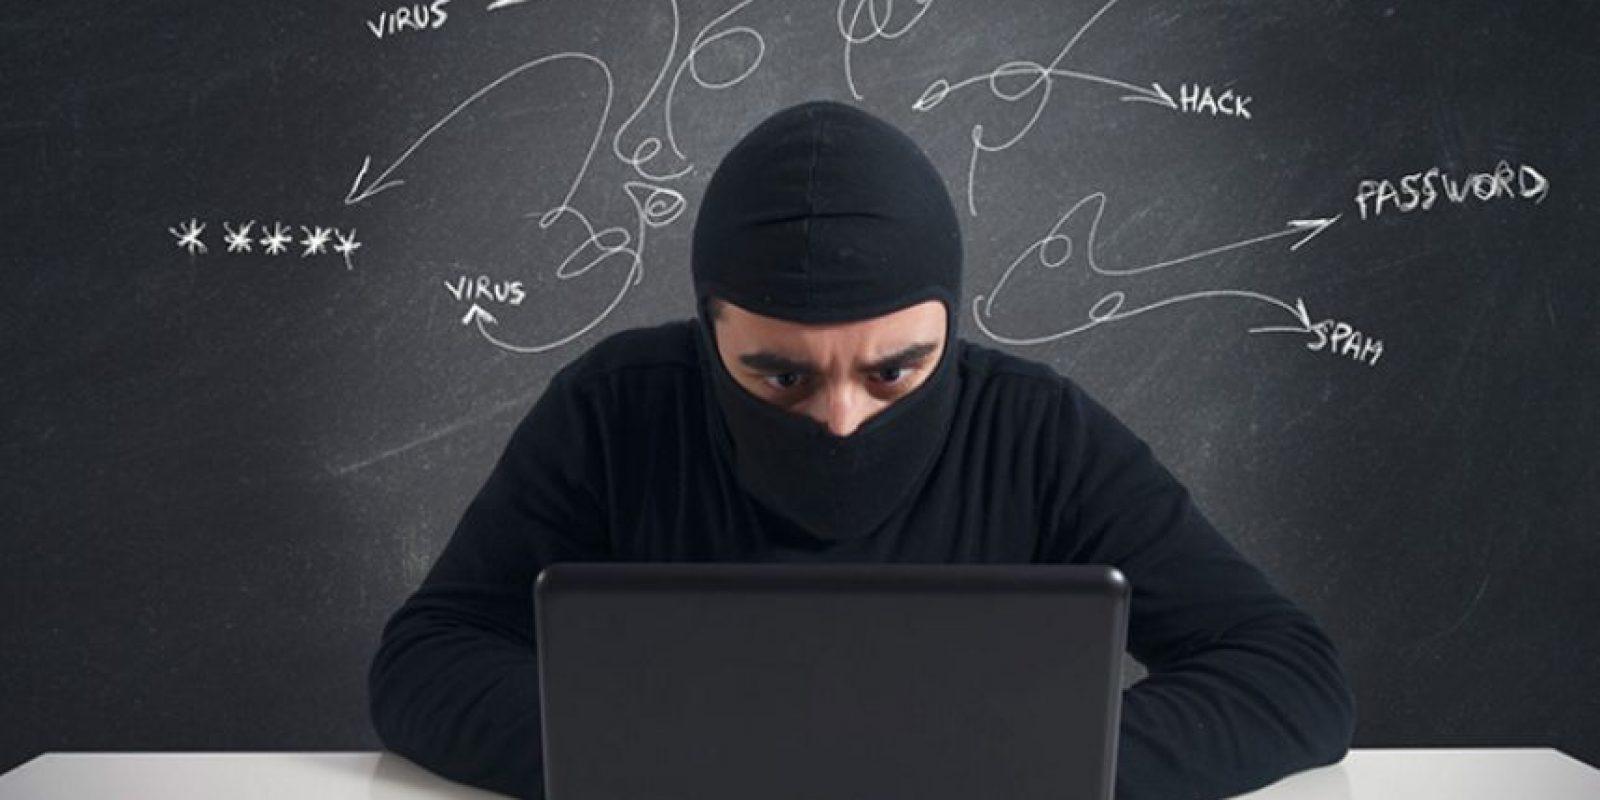 La Condusef reveló que el número de casos por robo de identidad se disparó 40% en el último año. Foto:Especial